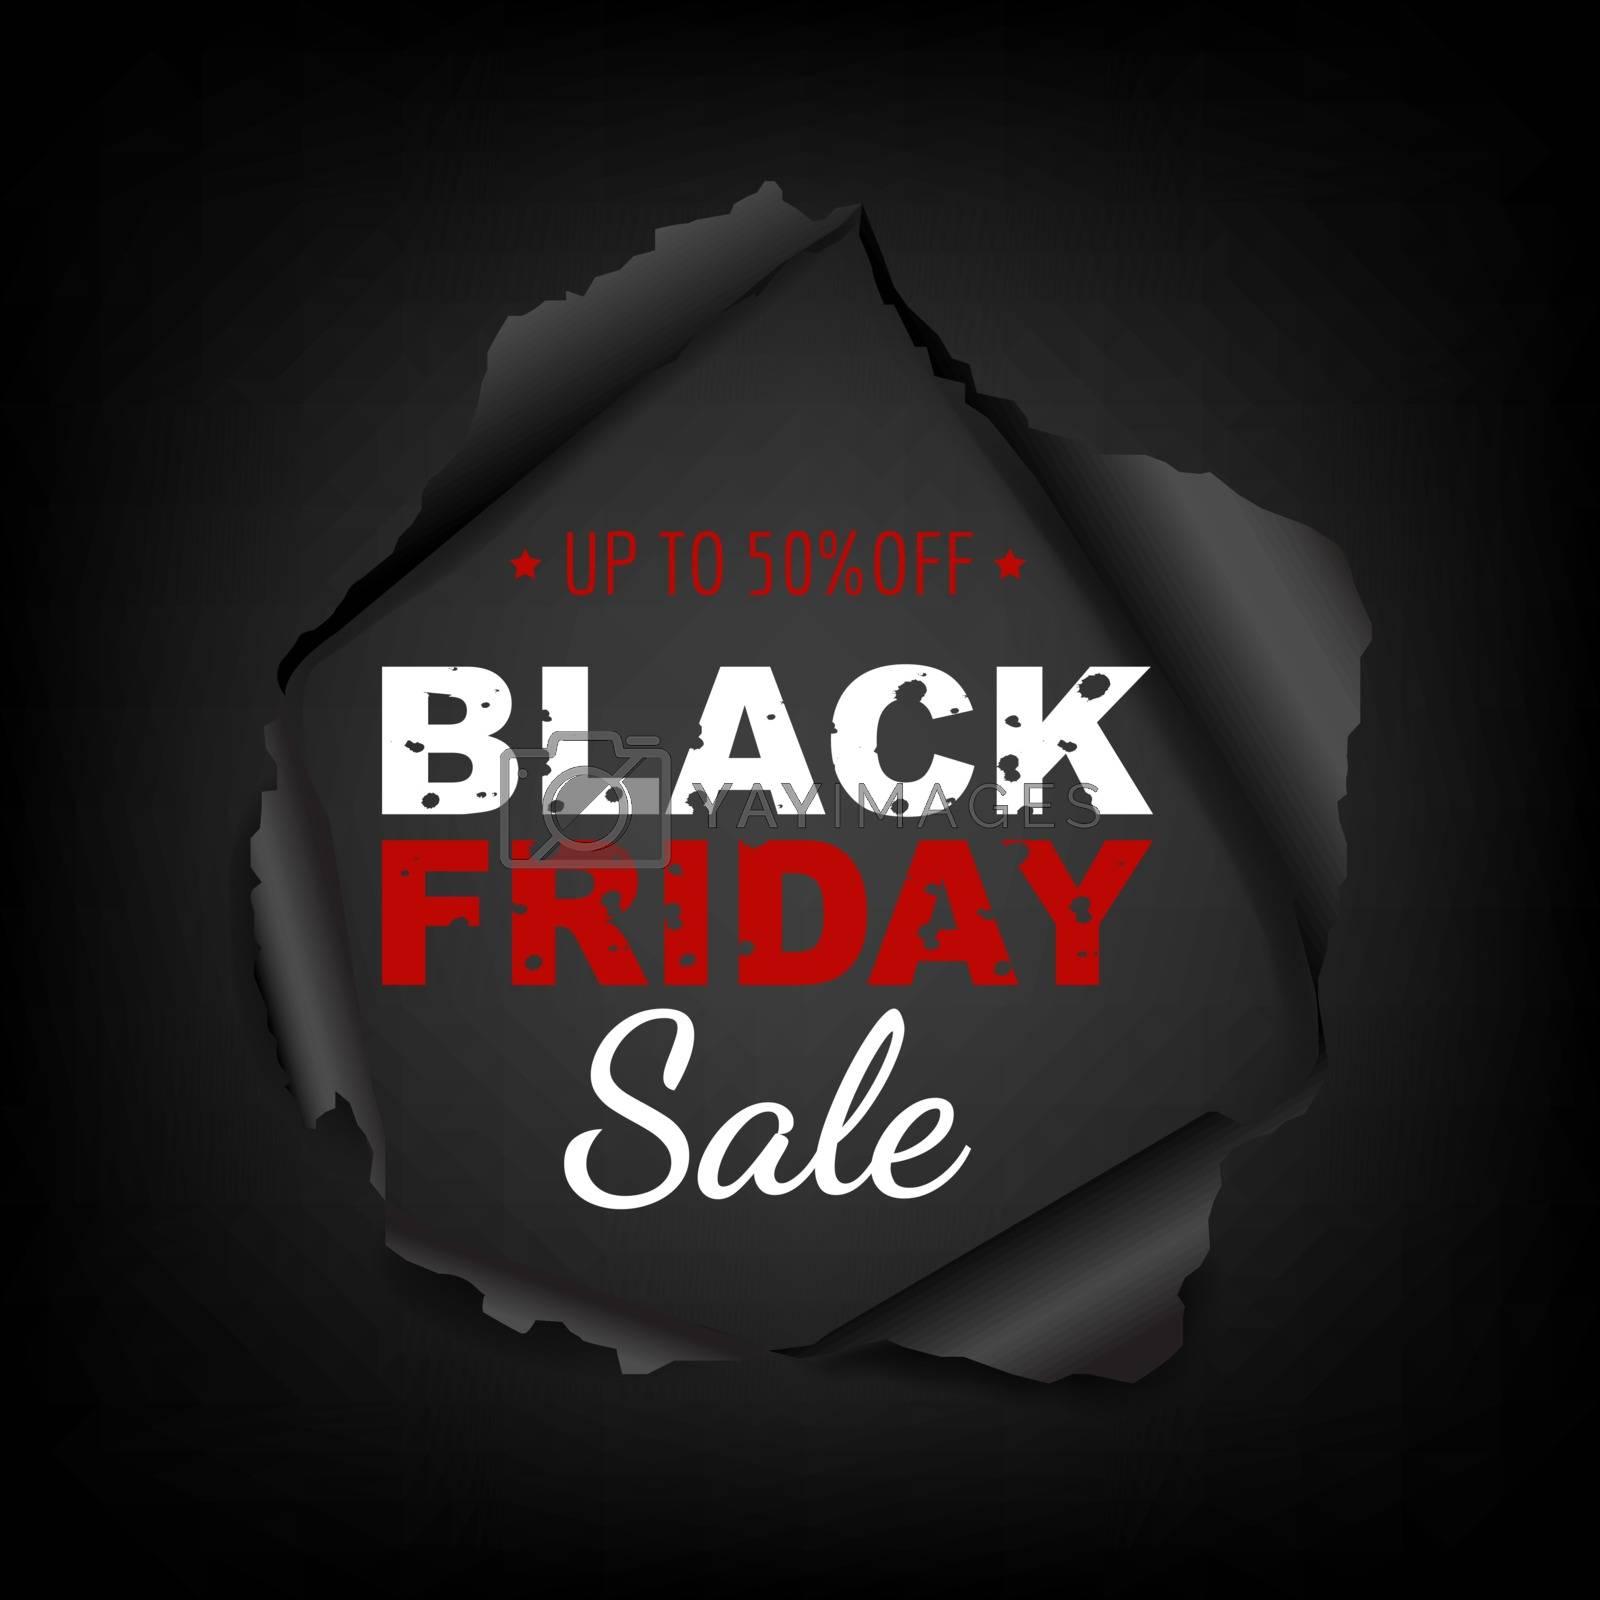 Black Friday Poster Gradient Mesh, Vector Illustration